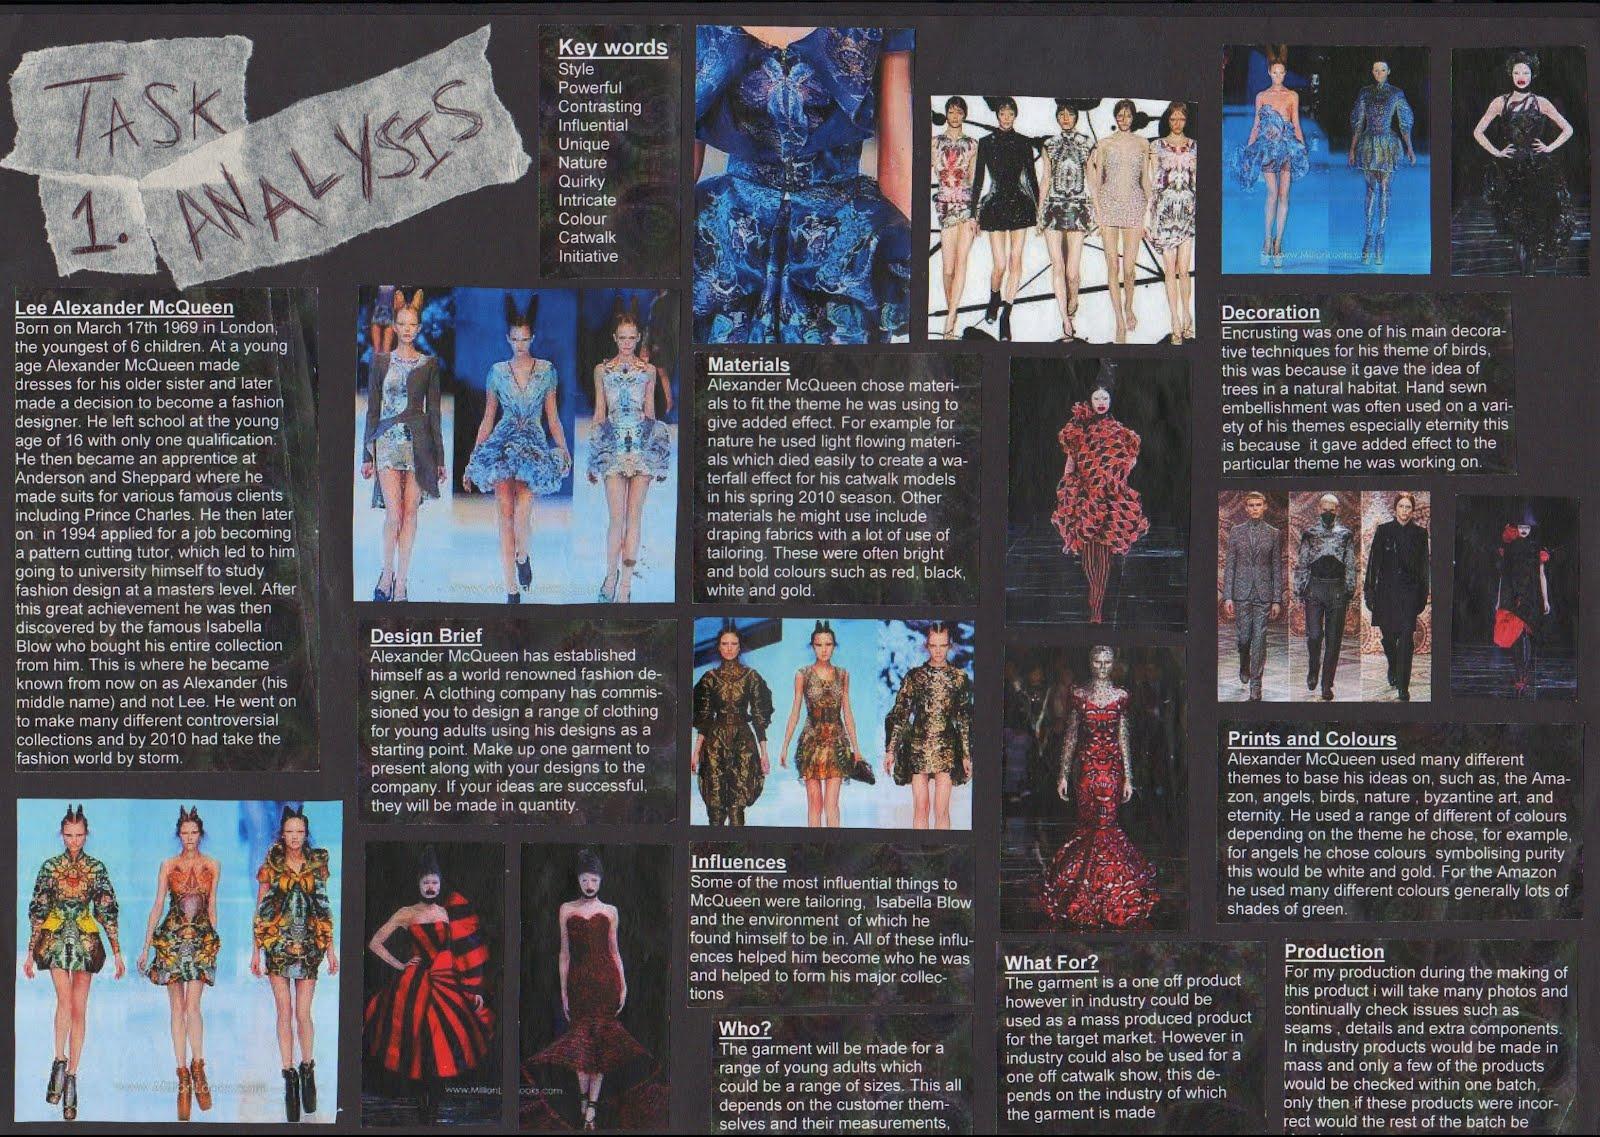 textiles coursework design brief